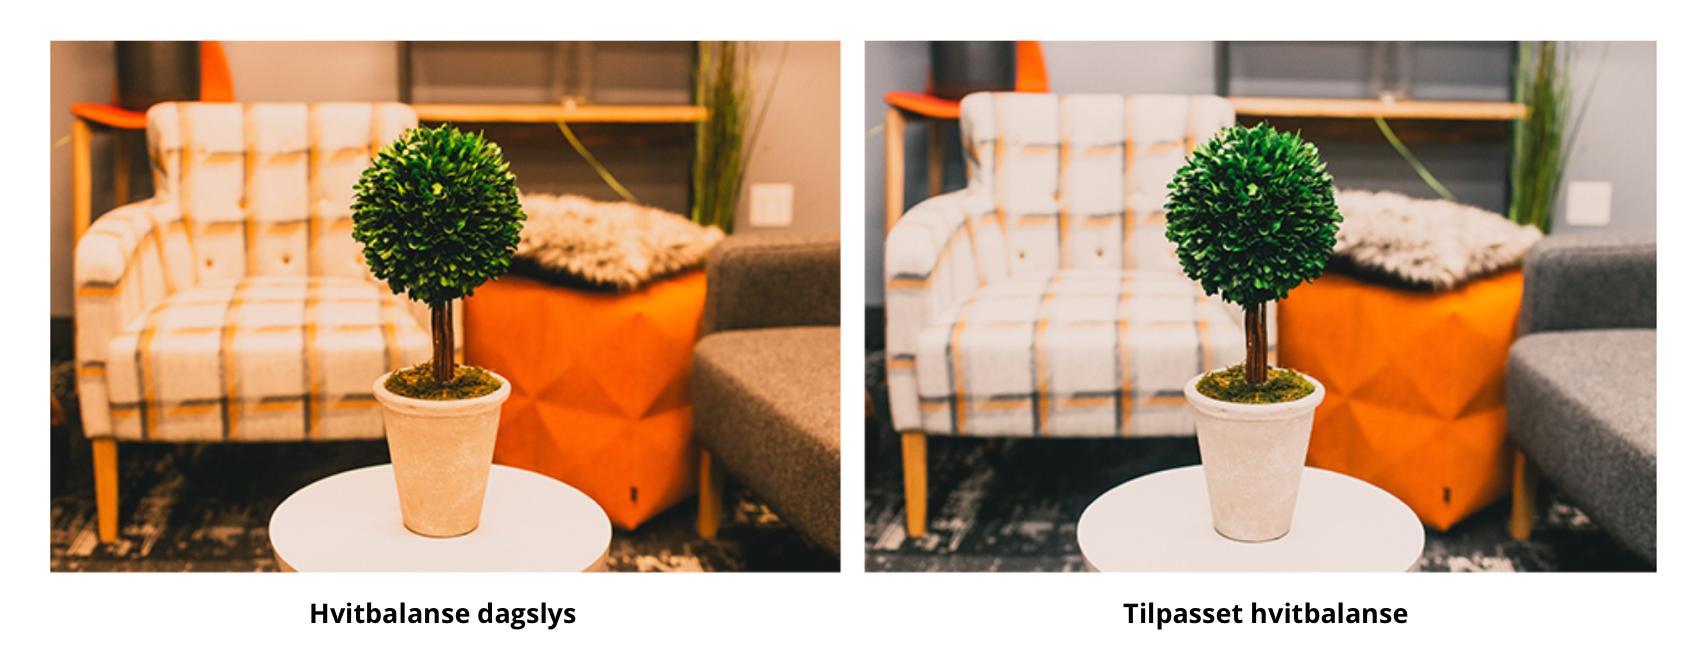 Bilde av en plante for å vise forskjellen mellom hvitbalanse dagslys og tilpasset hvitbalanse. Tenkt på kamera innstillinger når du tar opp video.